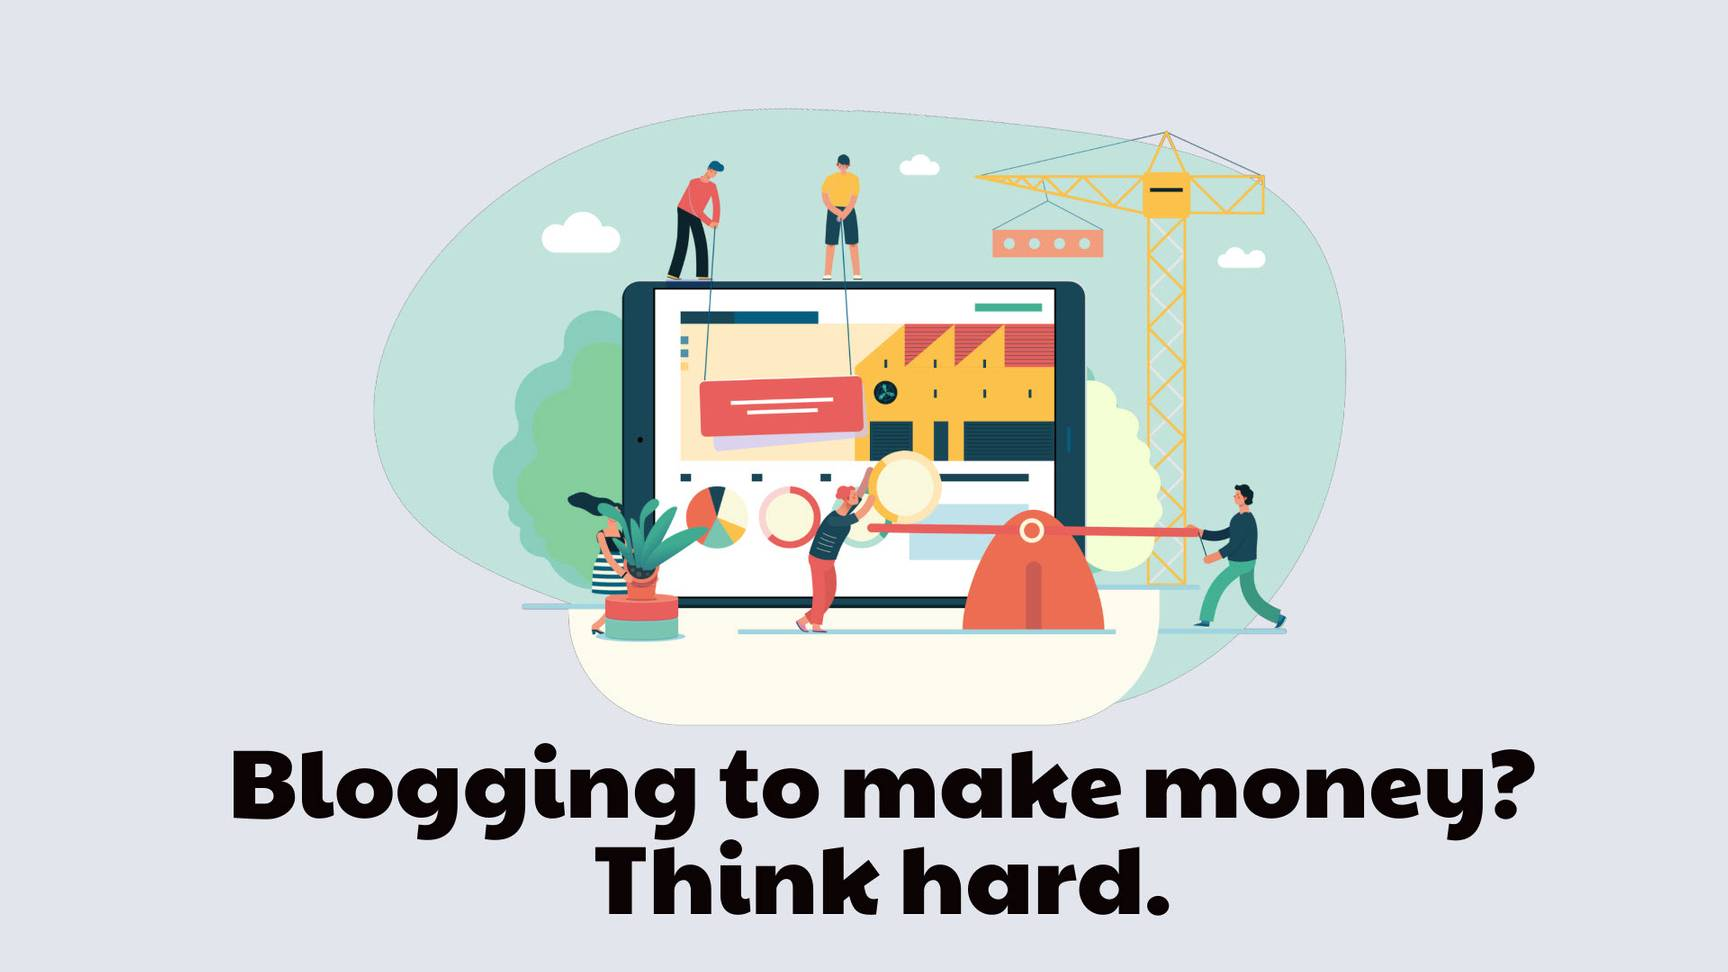 Blogging to make money for freelancers